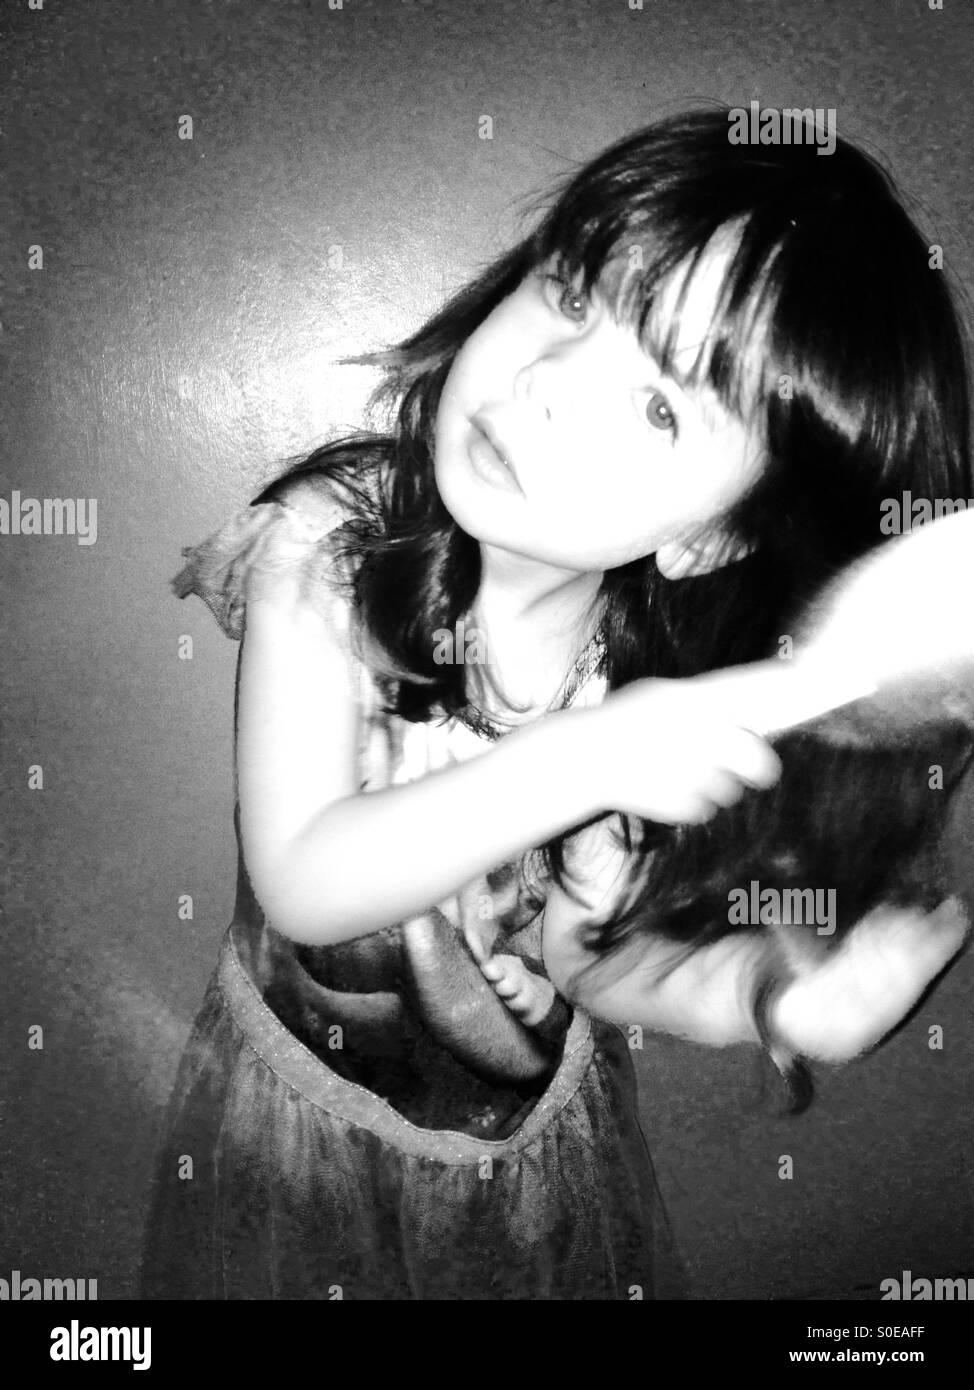 3 anno vecchia ragazza spazzolando i suoi capelli lunghi Immagini Stock